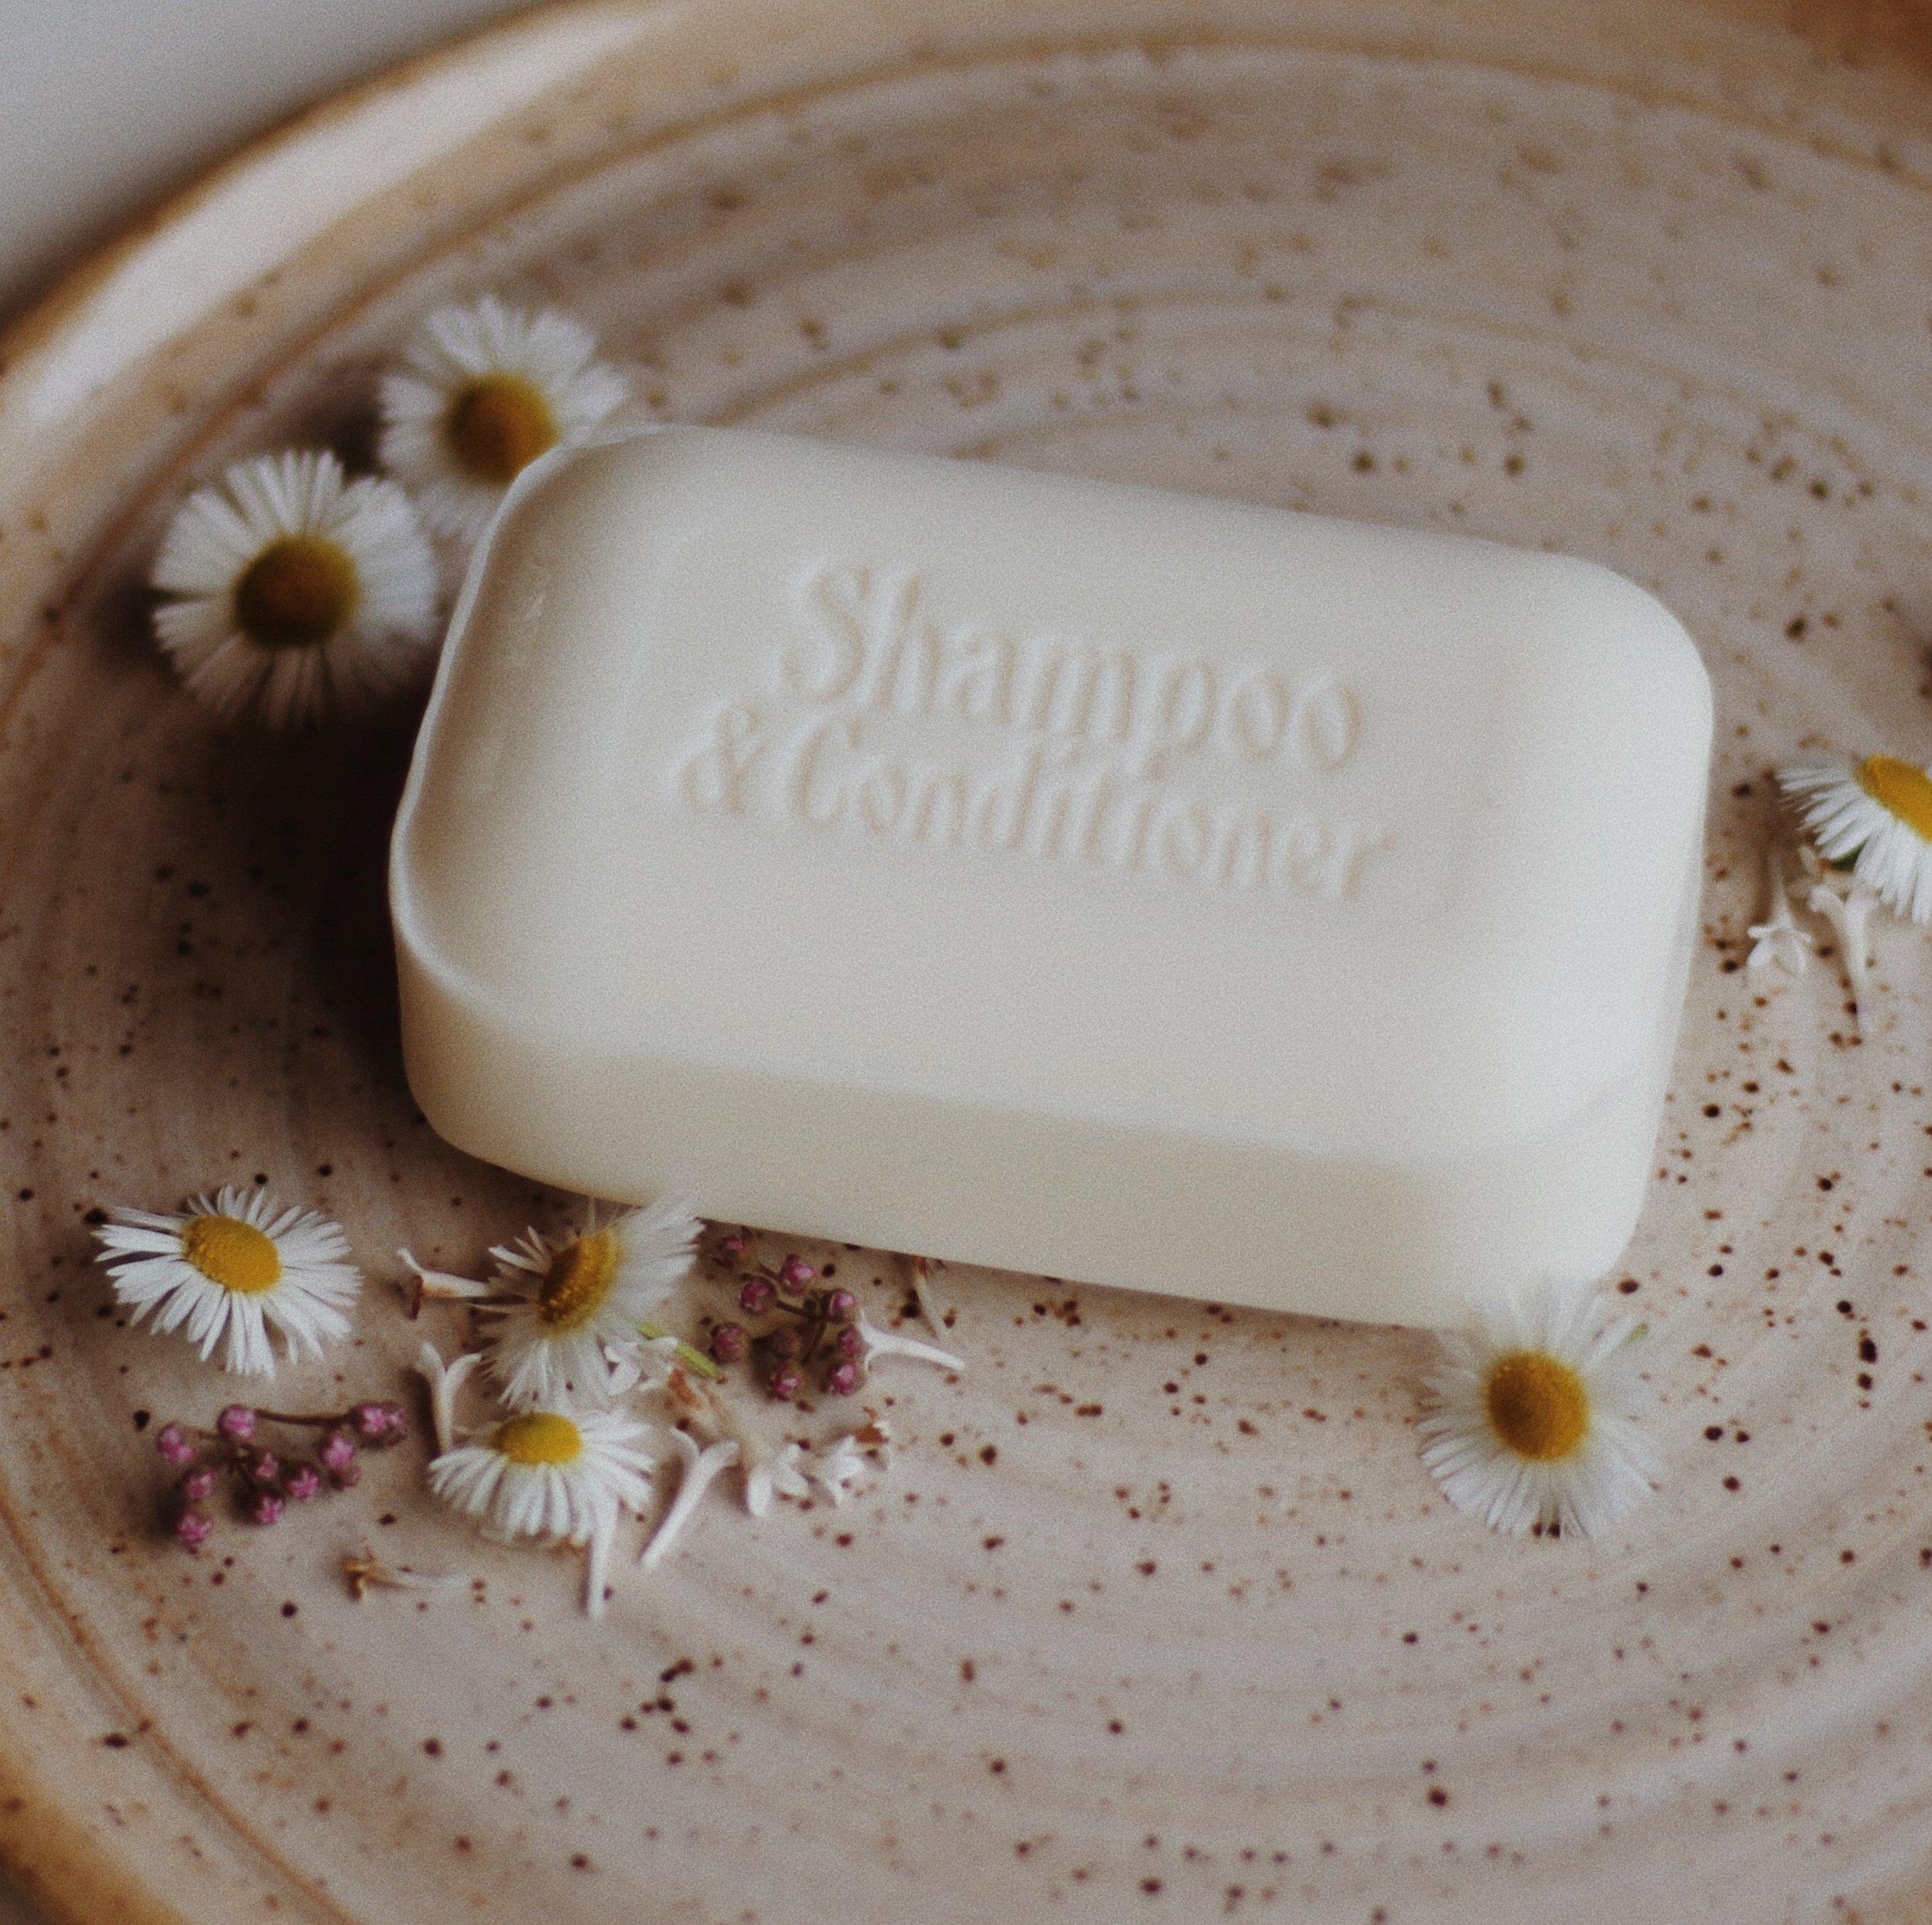 Lavez-vous avec du savon, shampoing et revitalisant en barre. - Les savons en barre sont sans déchet, naturels et économiques. Si cette option ne vous convient pas, optez pour du remplissage de savon et shampoing en bouteille dans votre boutique de vrac préférée.